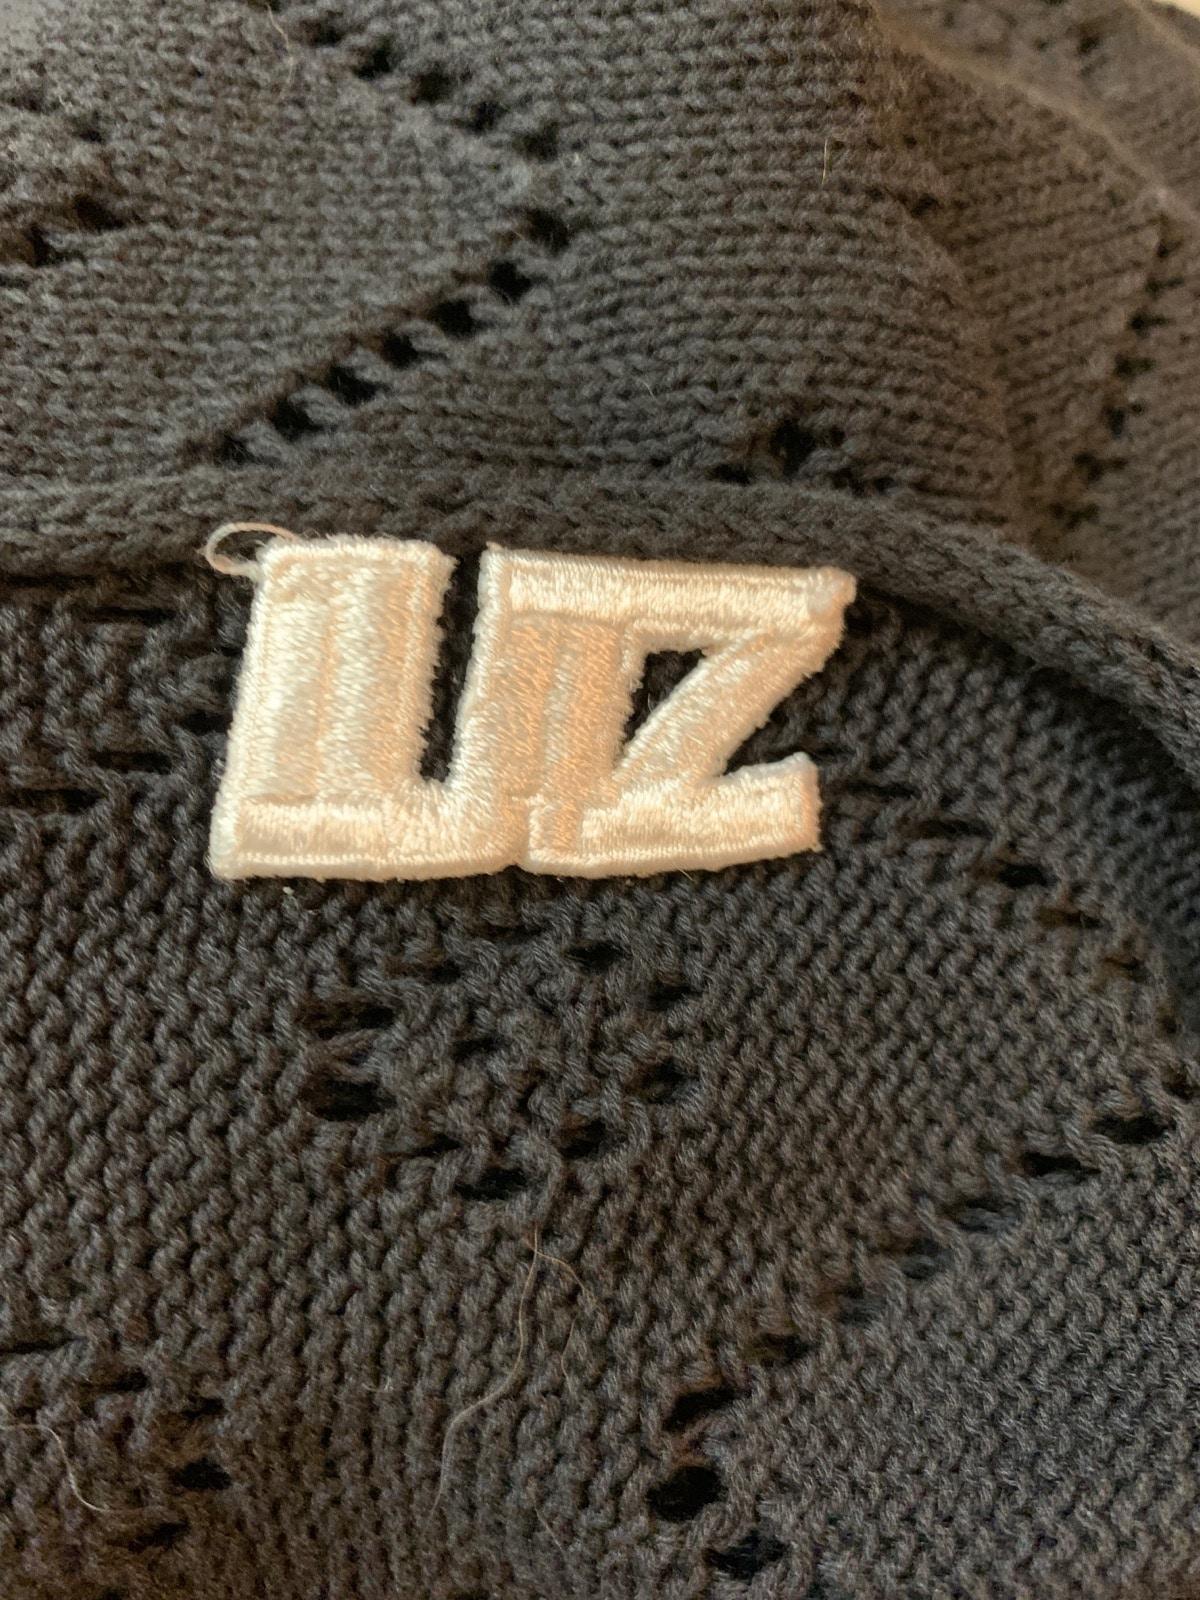 LUTZ(ルッツ)のチュニック